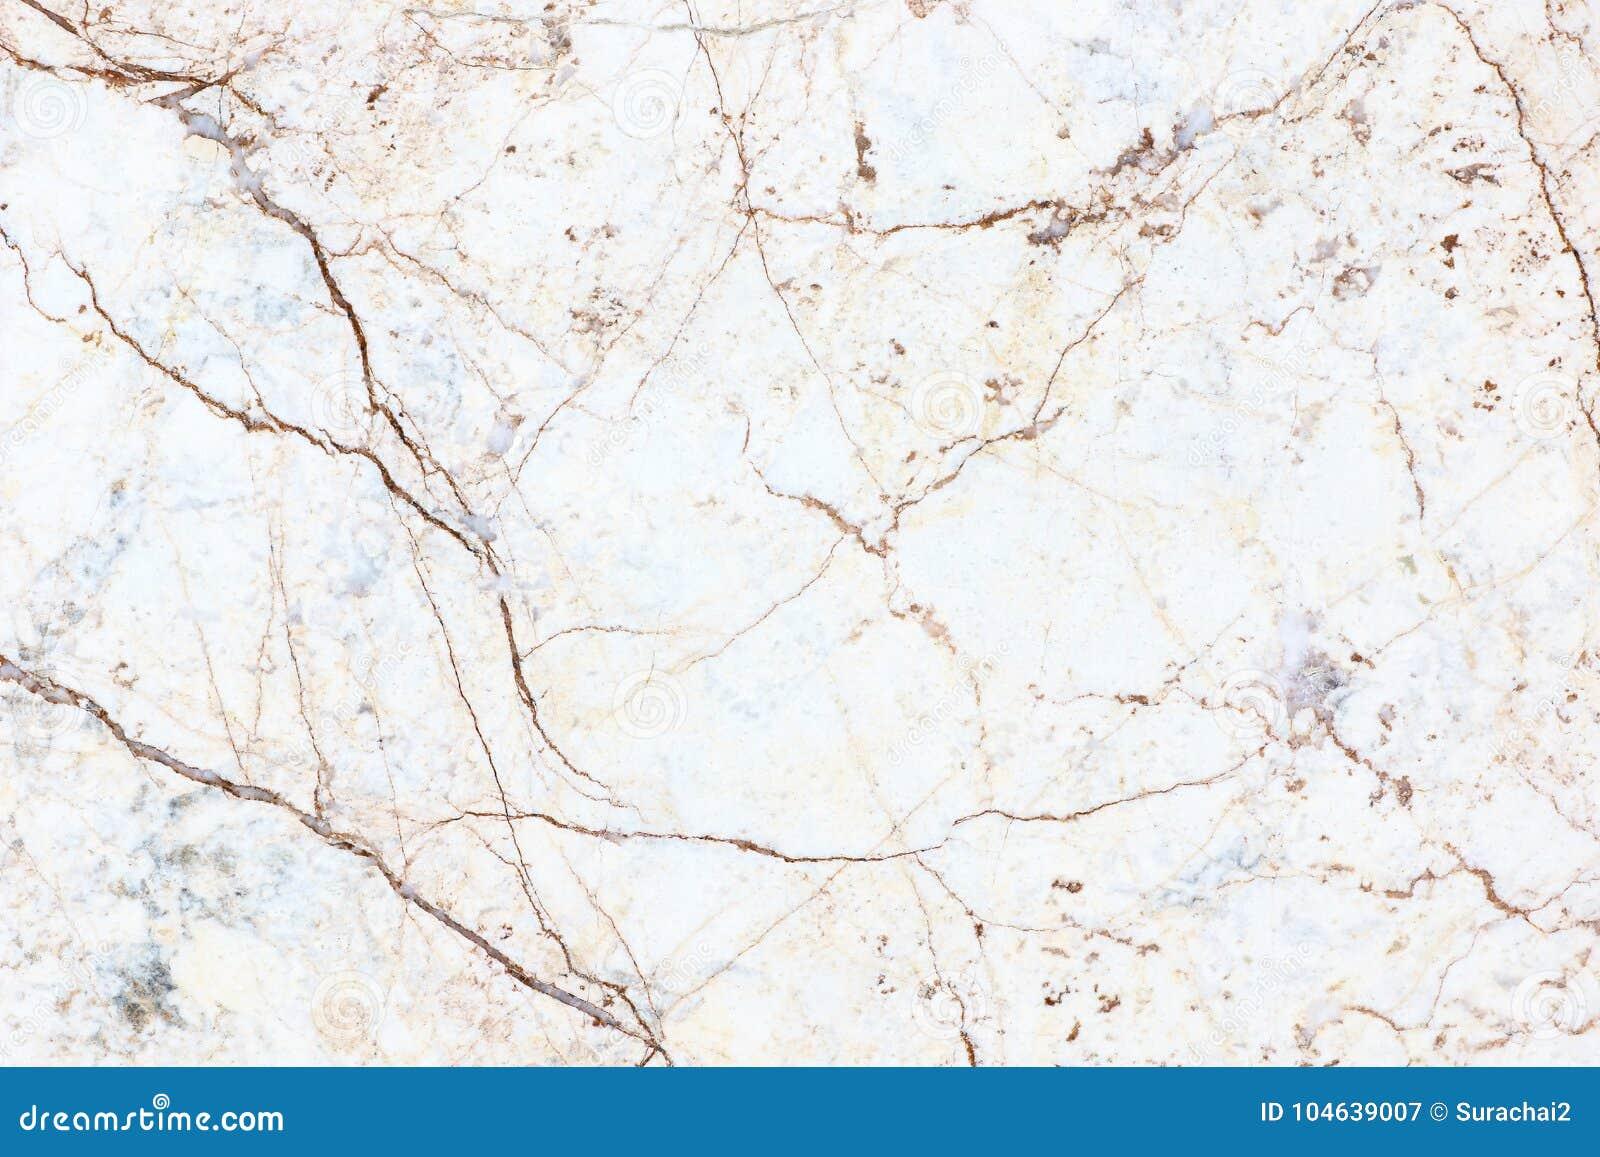 Download Marmeren Textuurpatroon Als Achtergrond Stock Afbeelding - Afbeelding bestaande uit marmer, samenvatting: 104639007